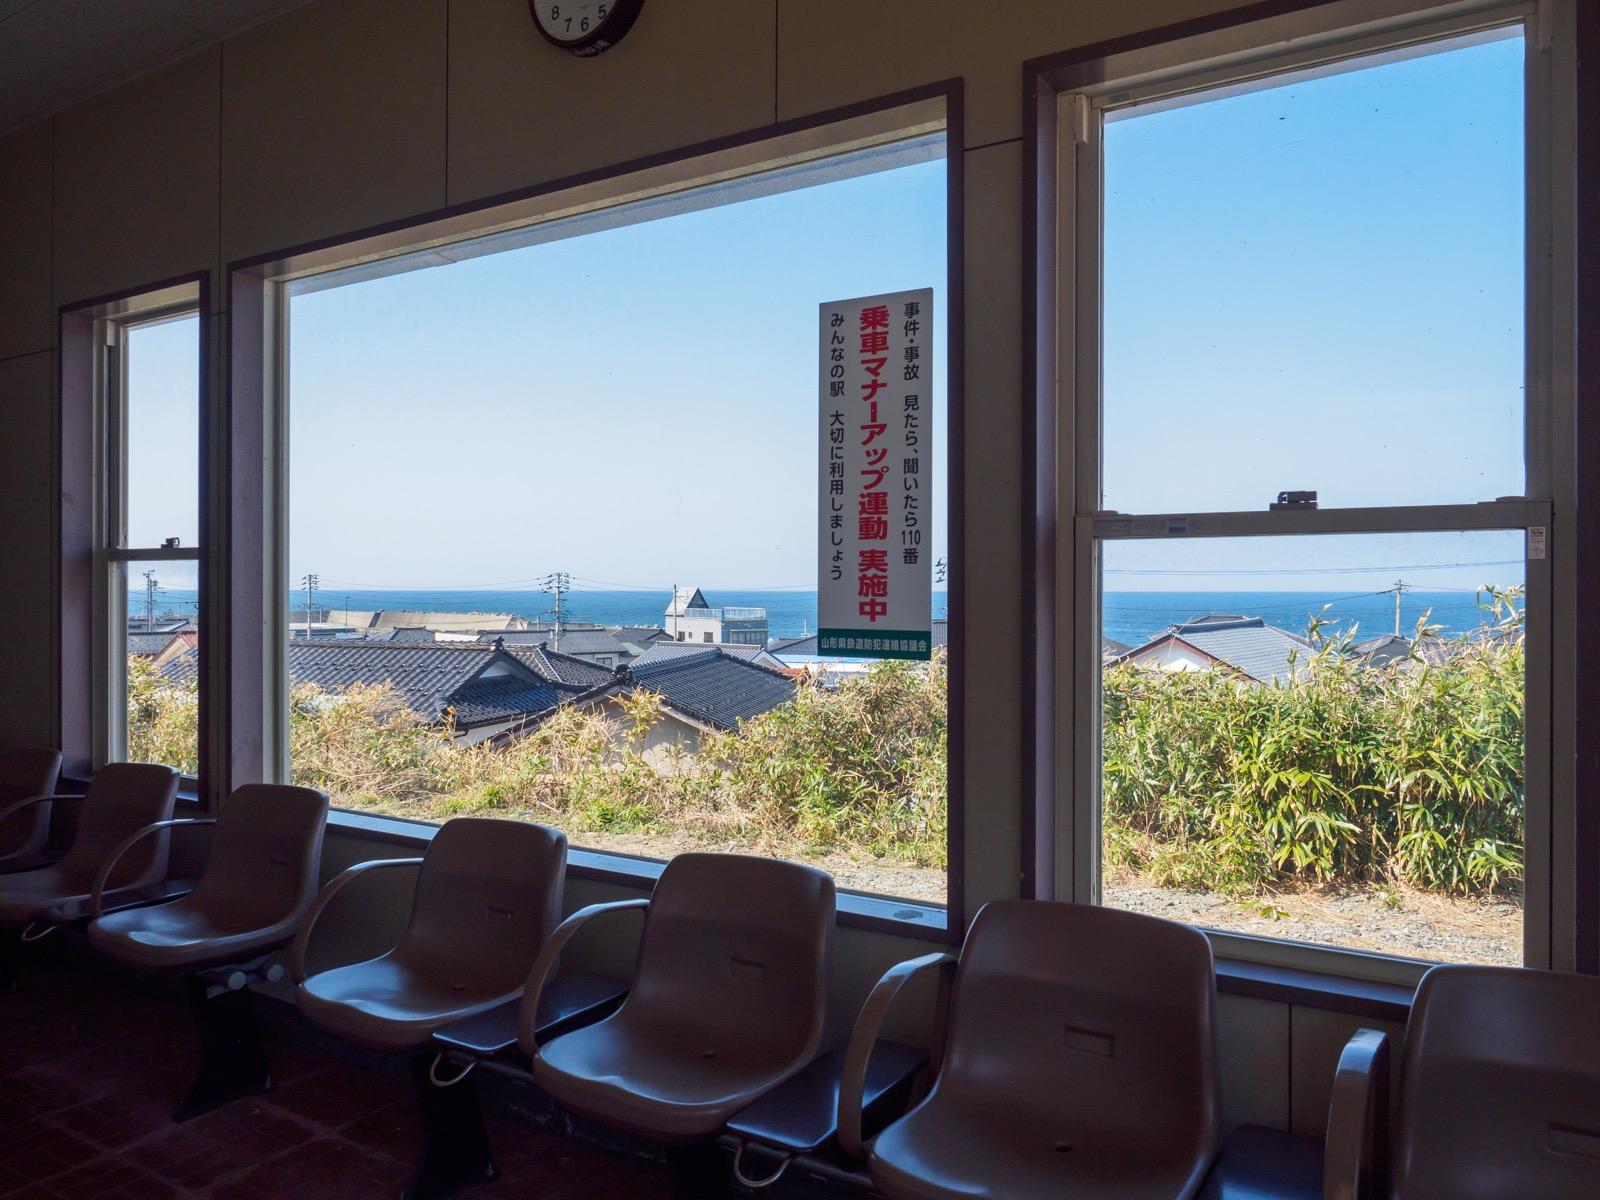 小波渡駅の待合室から見た日本海